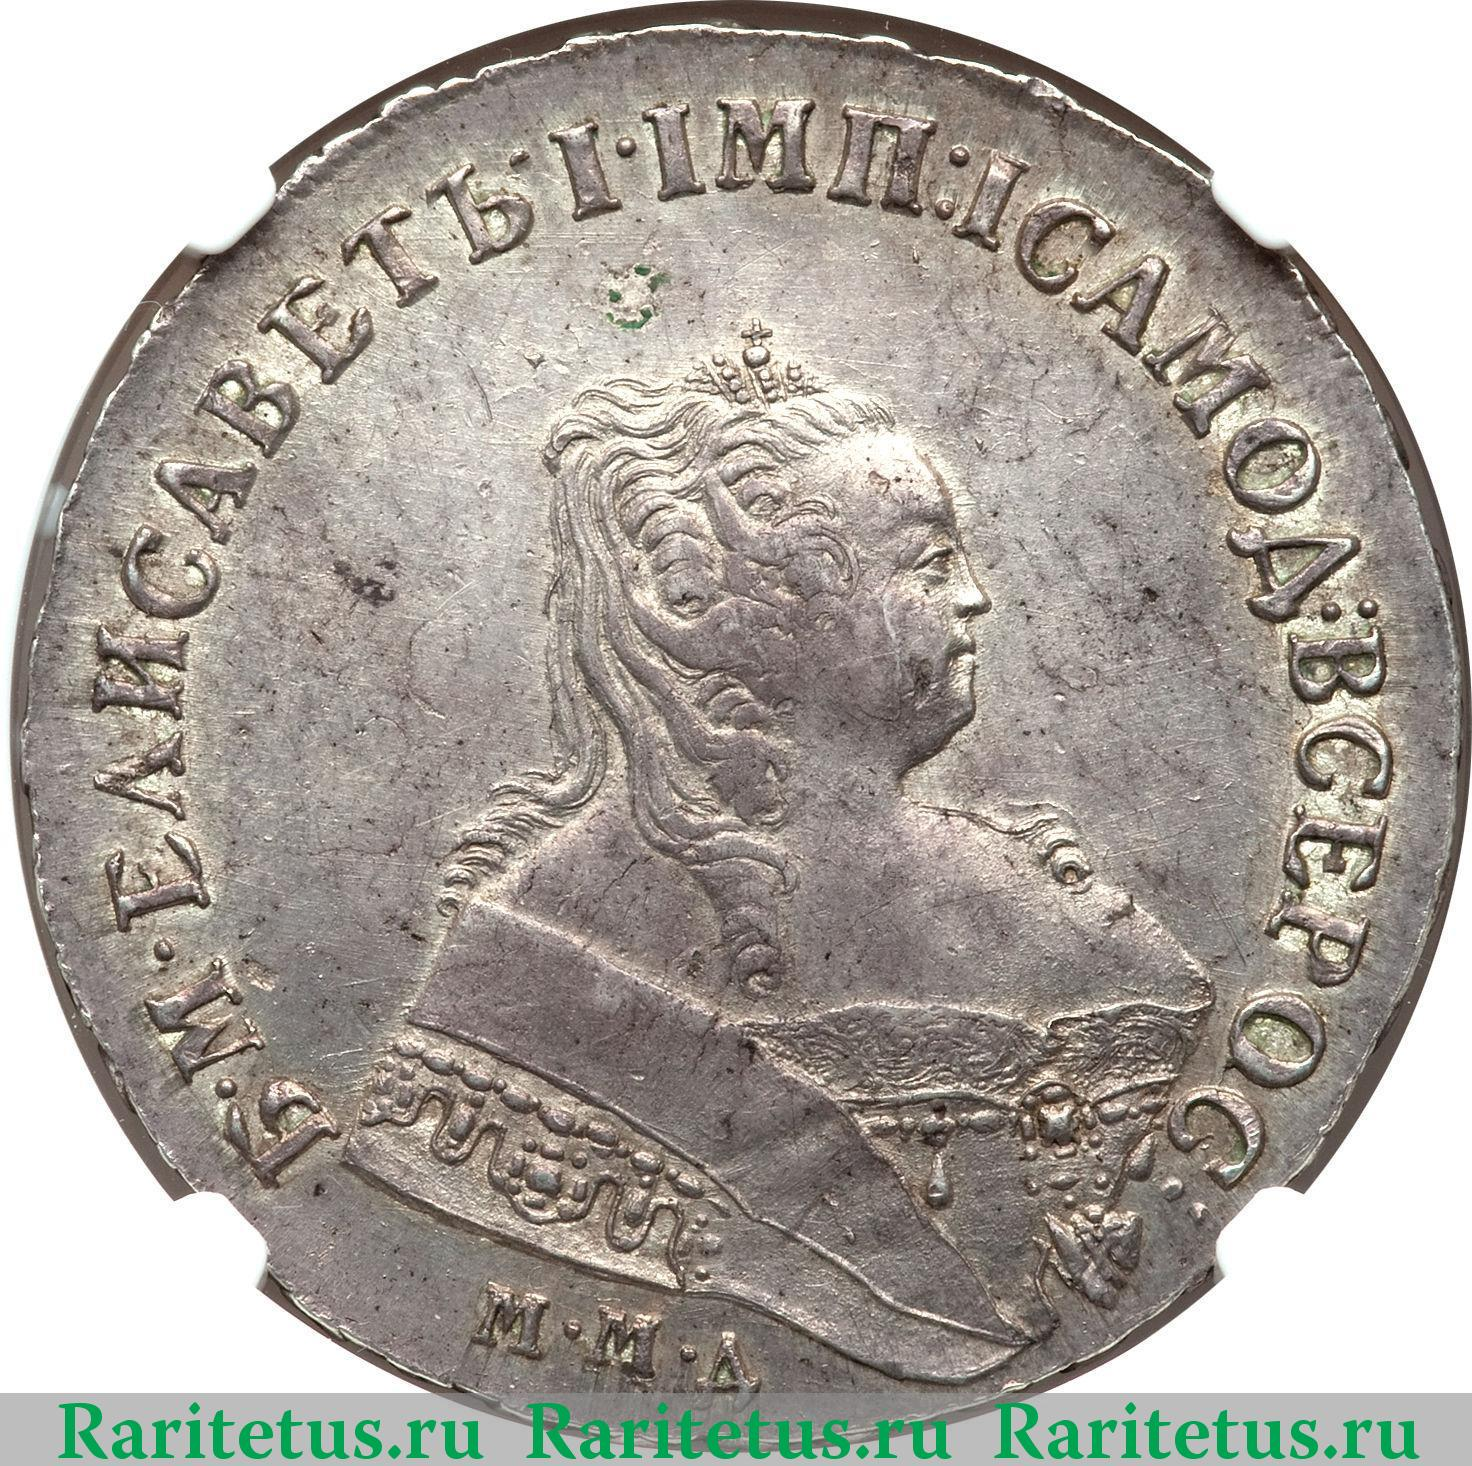 Стоимость деньги 1750 альбом для хранение монет юбилейных